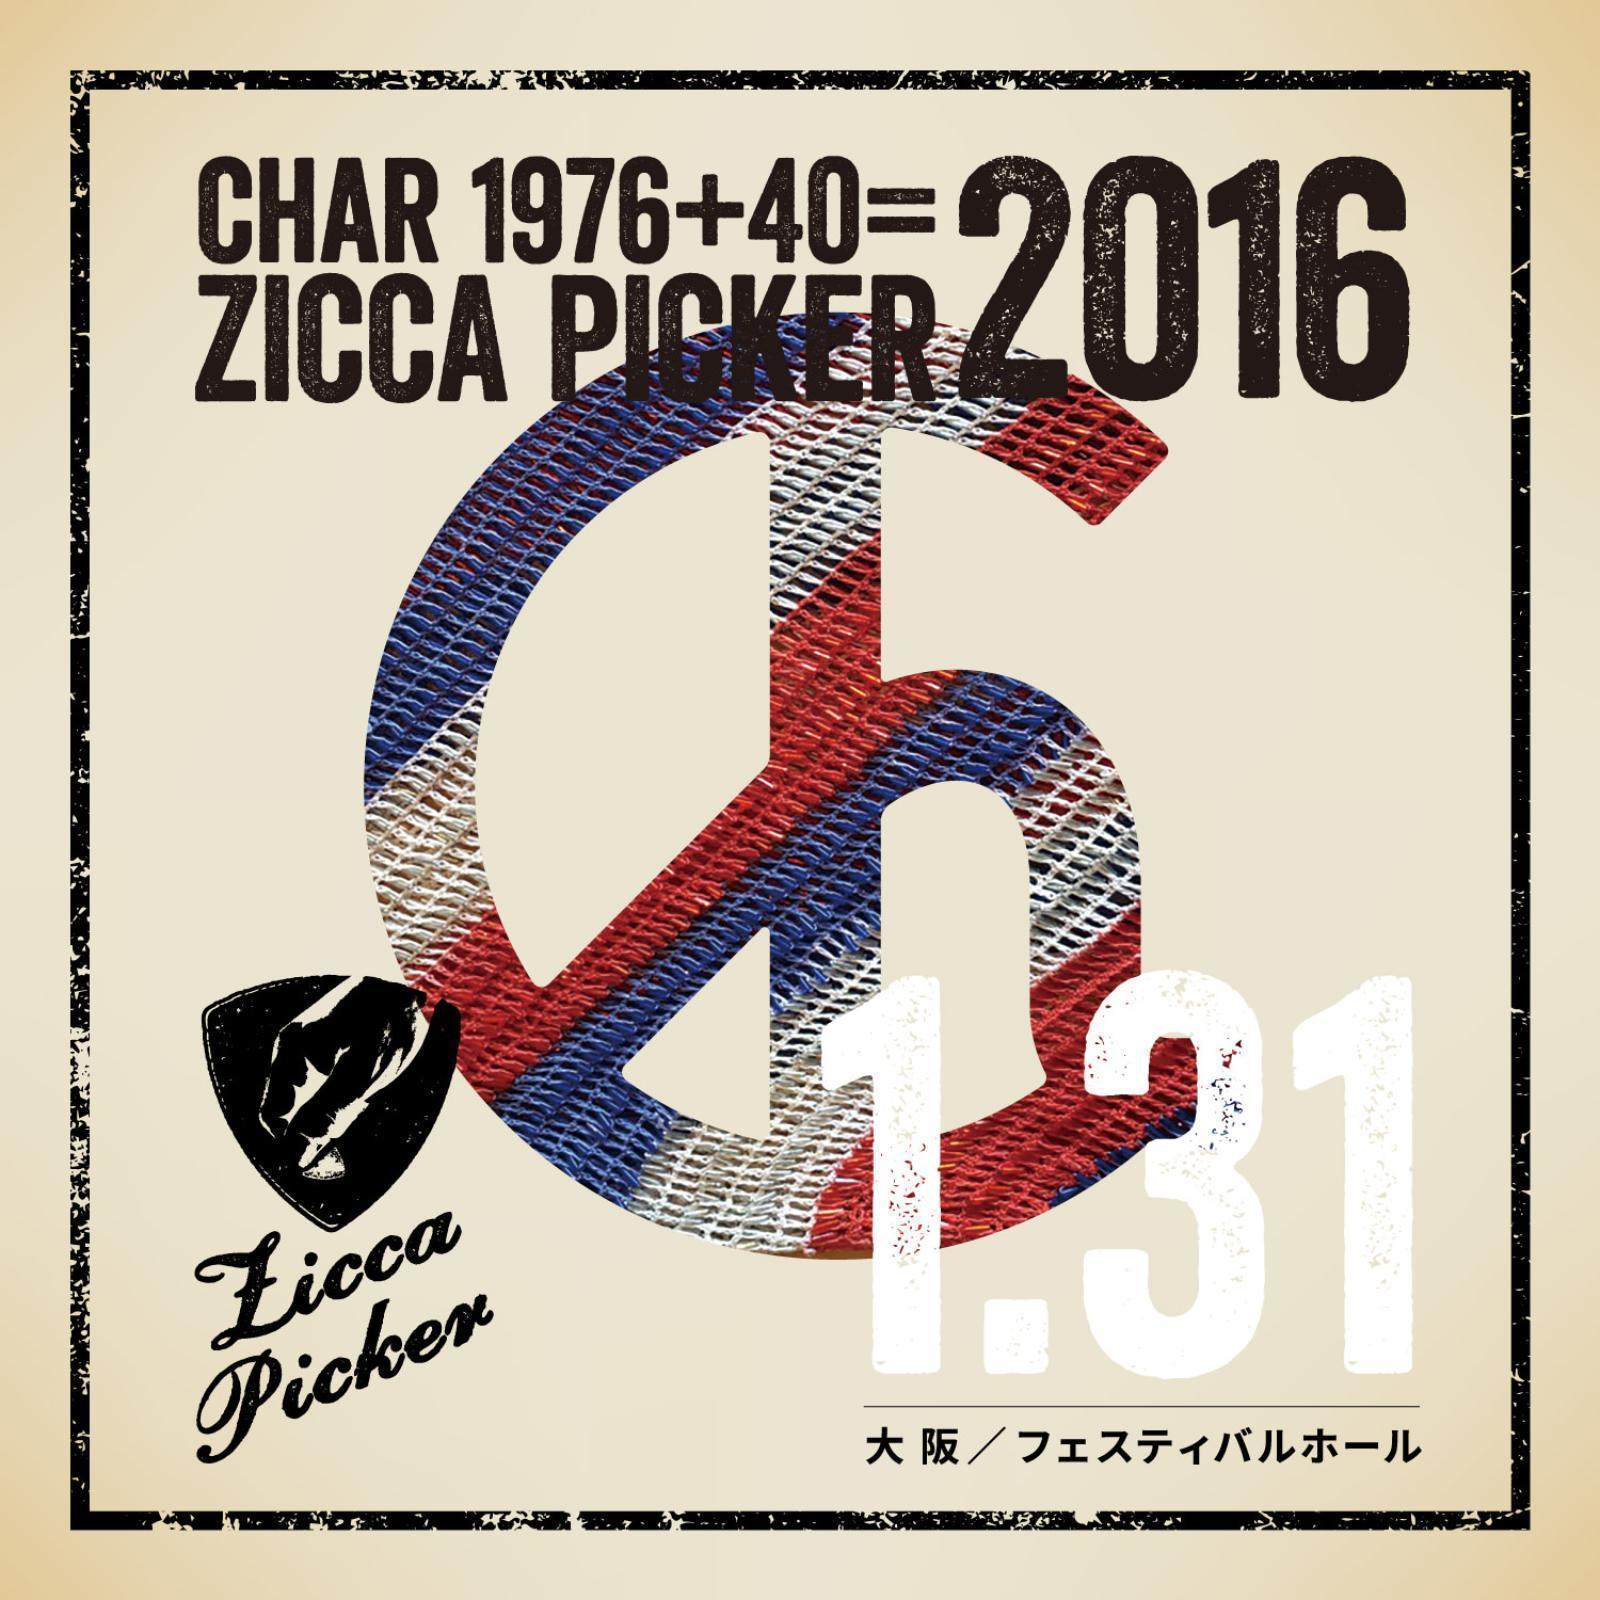 ギター好き必見!Charのライブ音源「ZICCA PICKER」シリーズ大量追加!